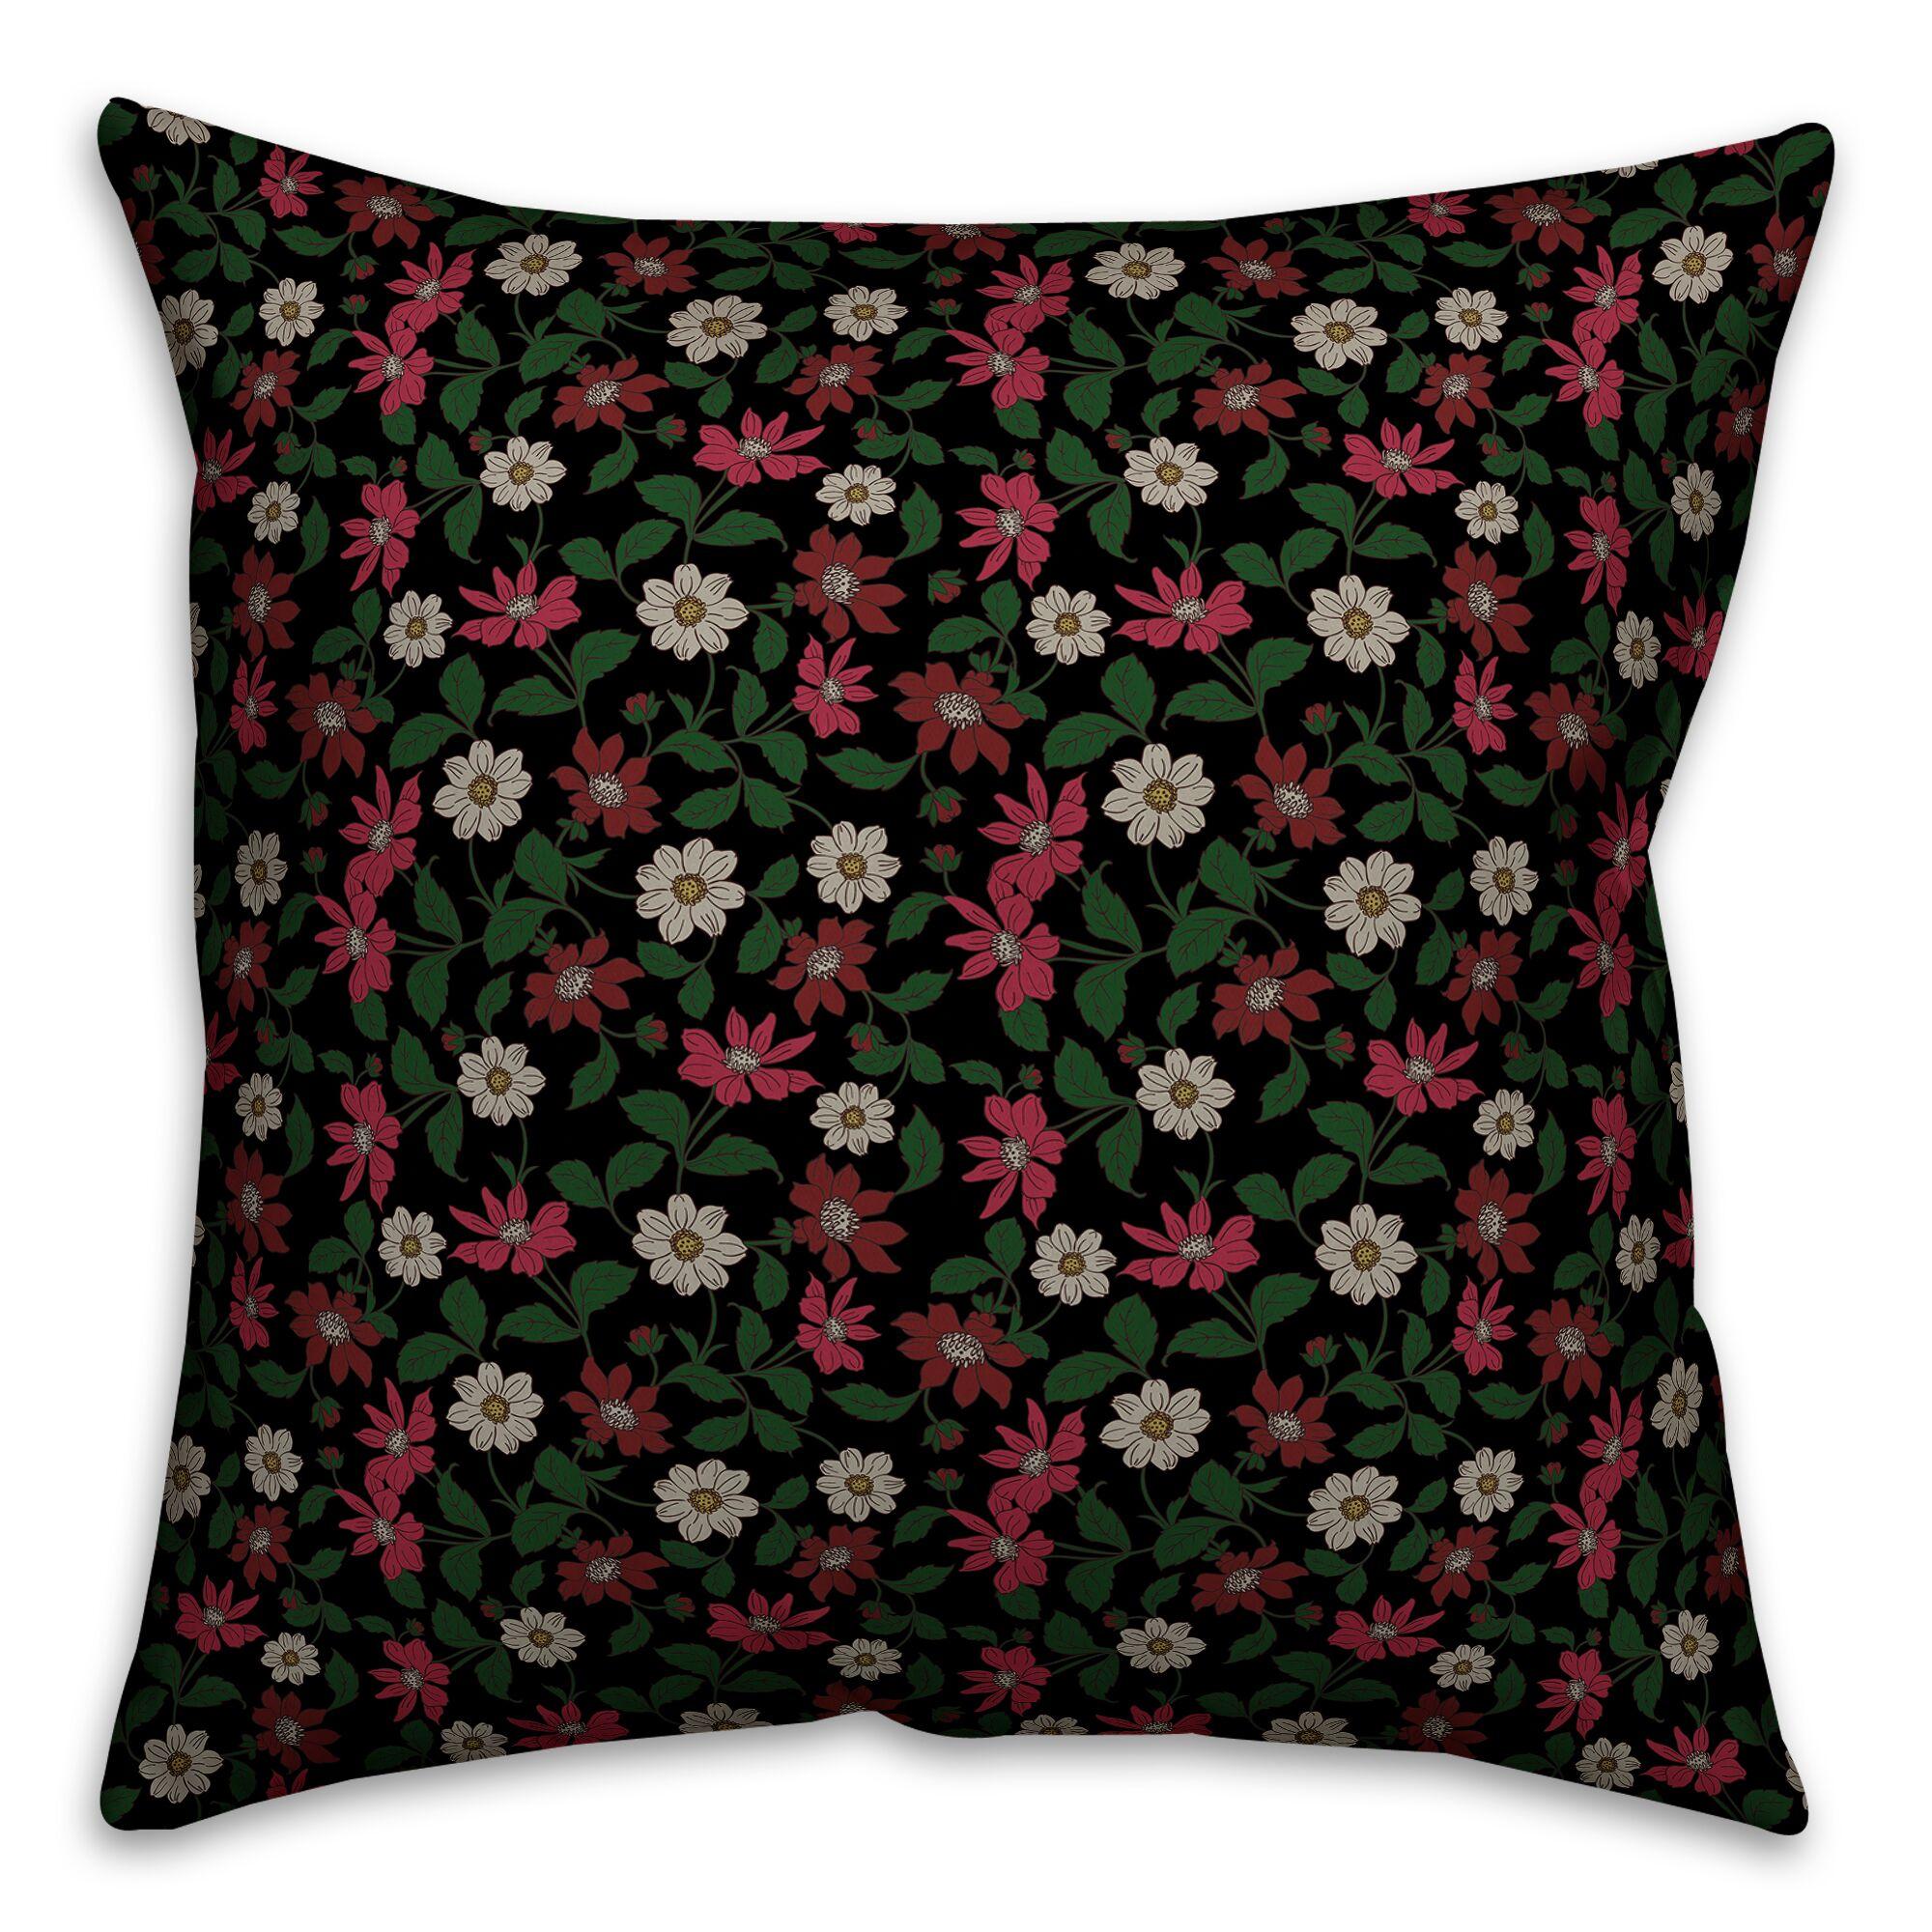 Oshea Floral Garden Throw Pillow